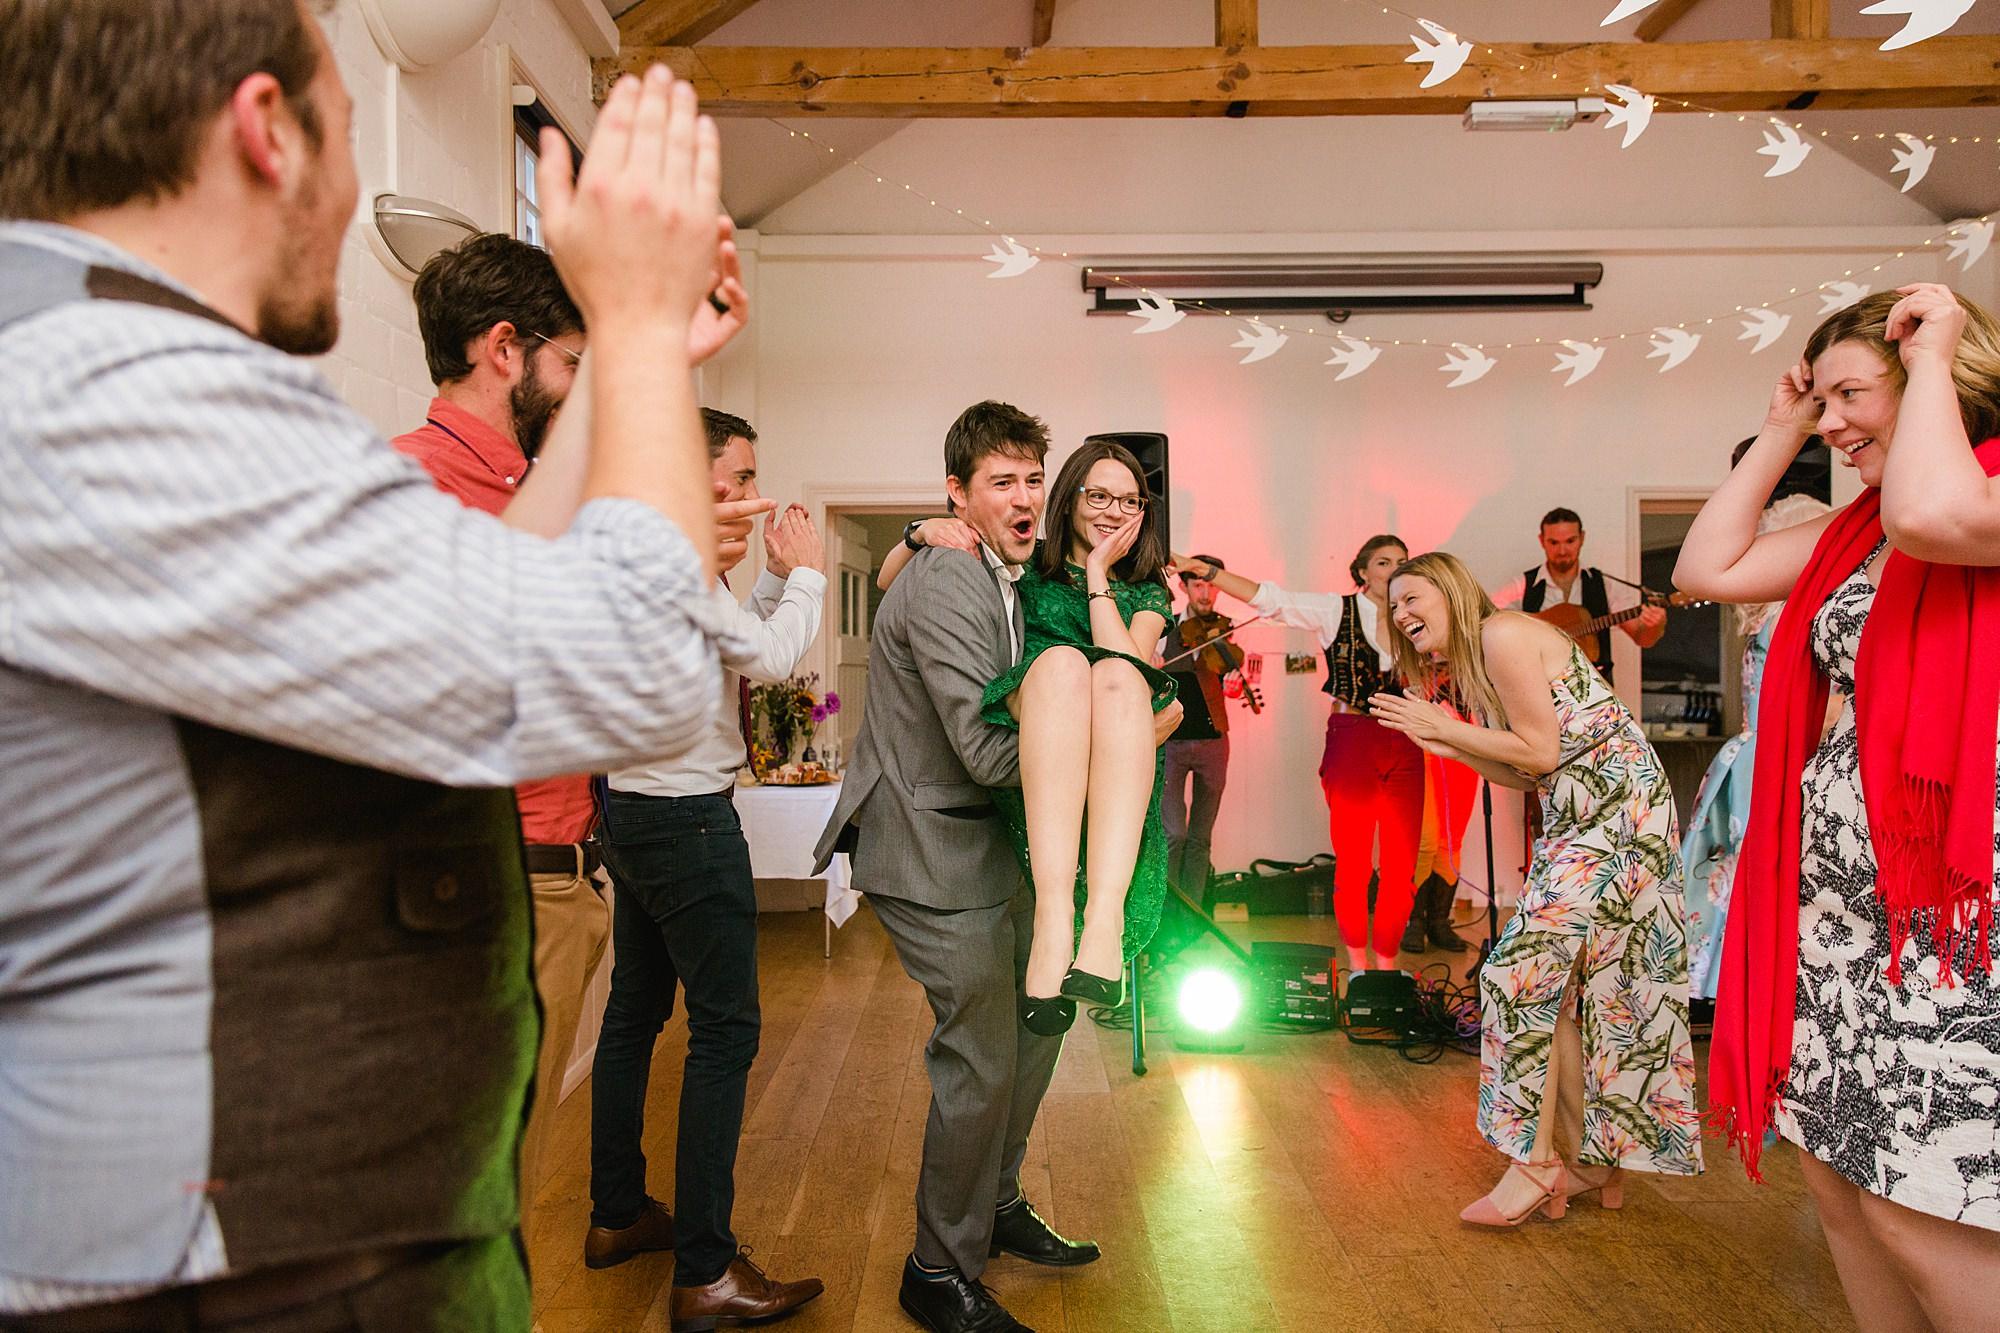 Fun village hall wedding guests dancing ceilidh